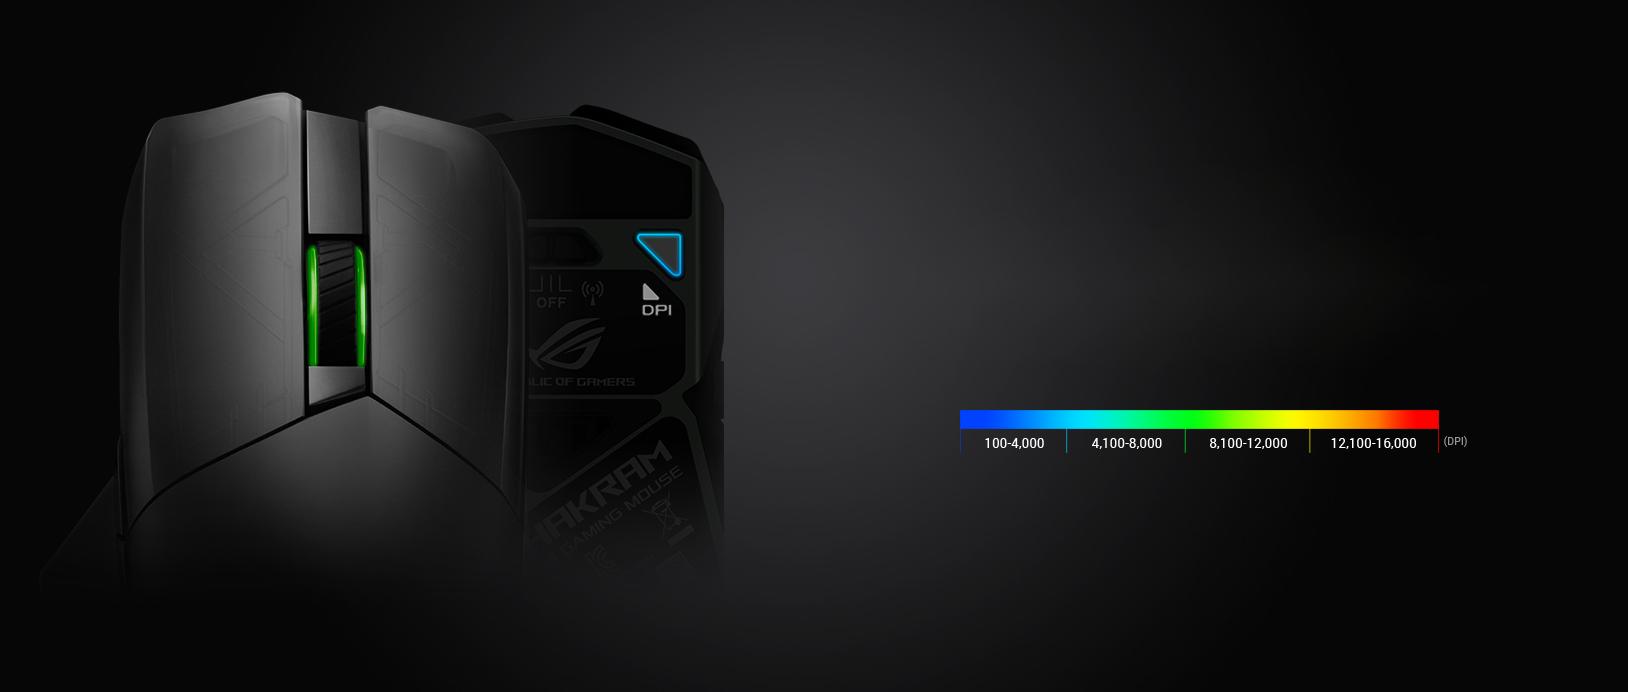 Chuột không dây chơi game Asus ROG Chakram (P704) (USB/RGB/Đen) có thể tuỳ chỉnh dpi dễ dàng